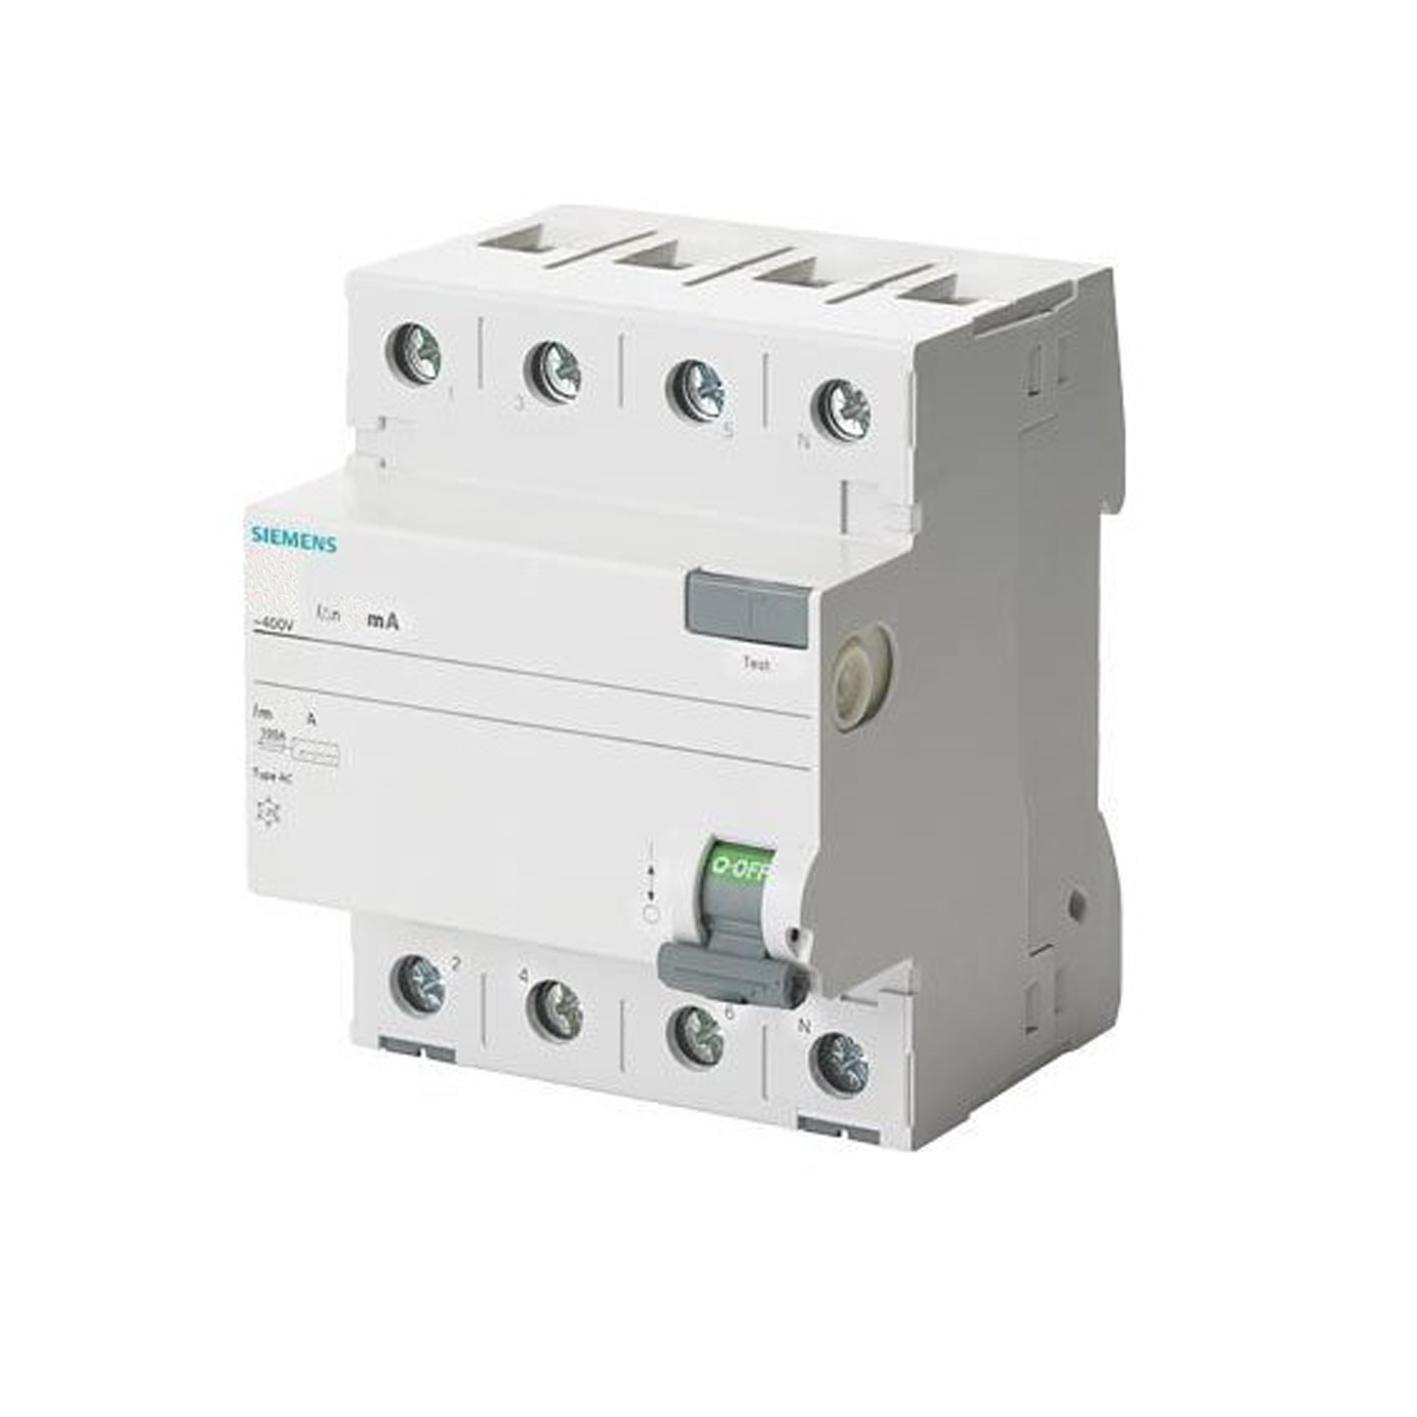 Siemens Kaçak Akım Rölesi 3x40 30mA